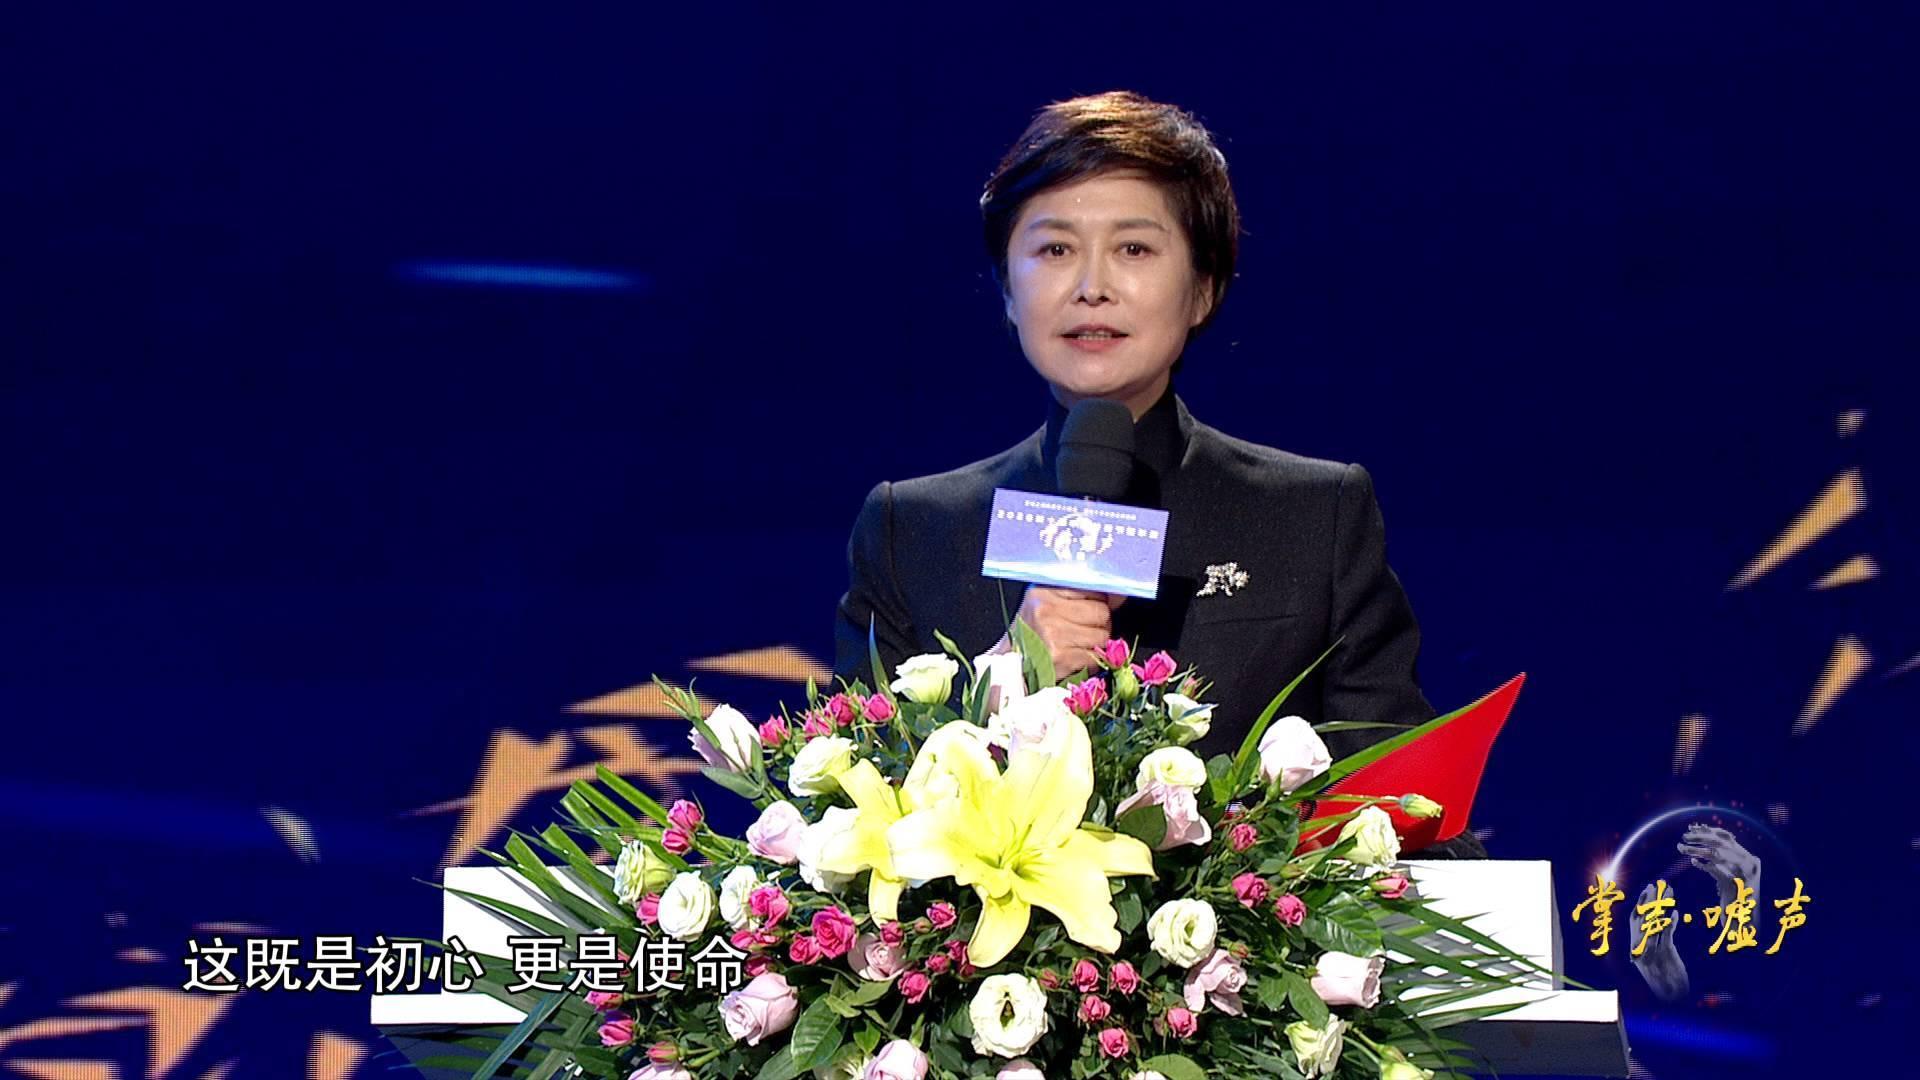 """2020中国视频节目年度""""掌声·嘘声""""丨""""既是初心 更是使命""""敬一丹为抗疫专题系列节目《新闻1+1》致掌"""